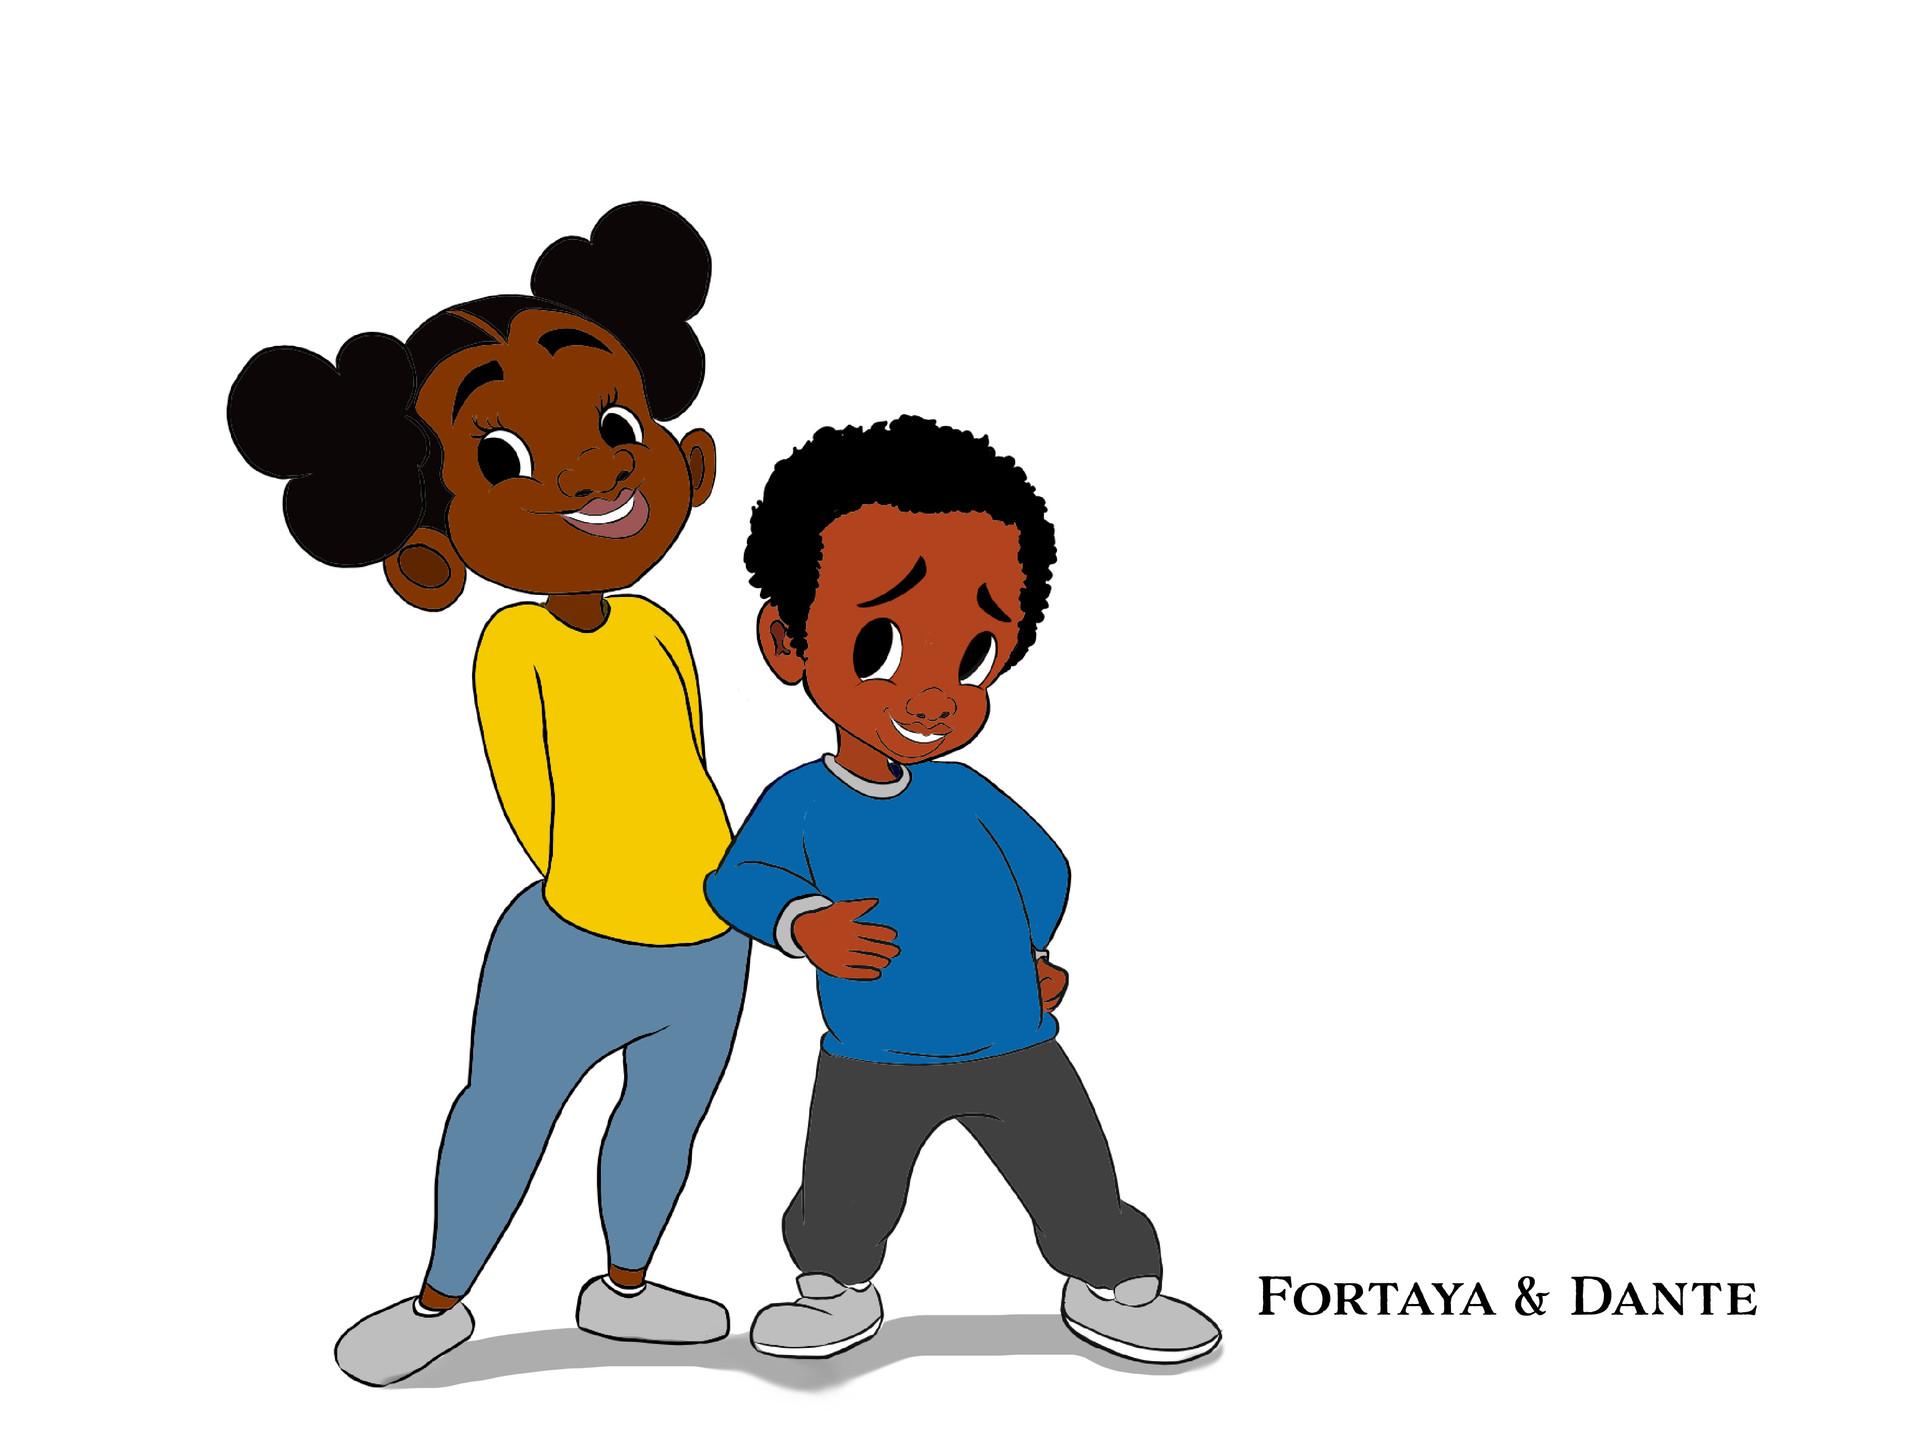 Character Design for Fortaya & Dante